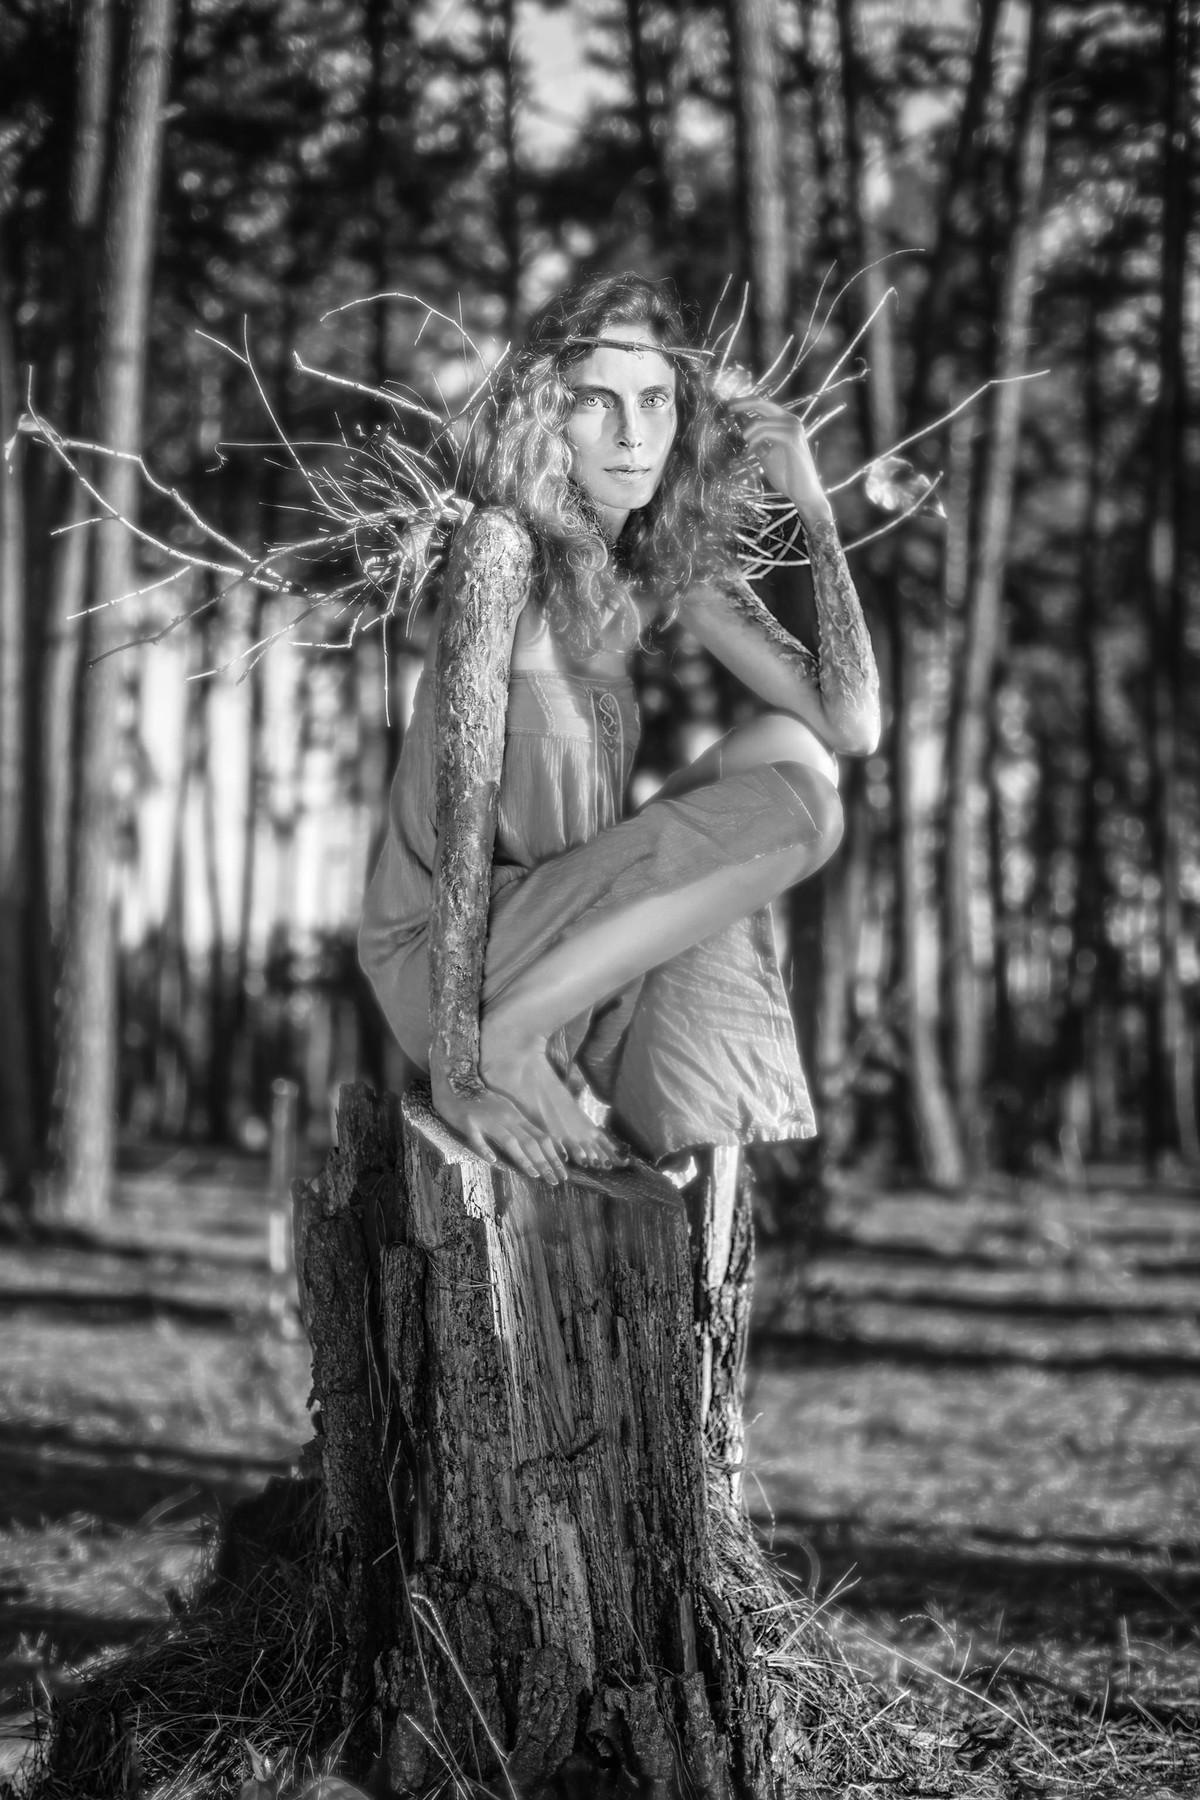 Ensaio fantasy realizado pelo fotógrafo Rafael Ohana em Brasilia-DF